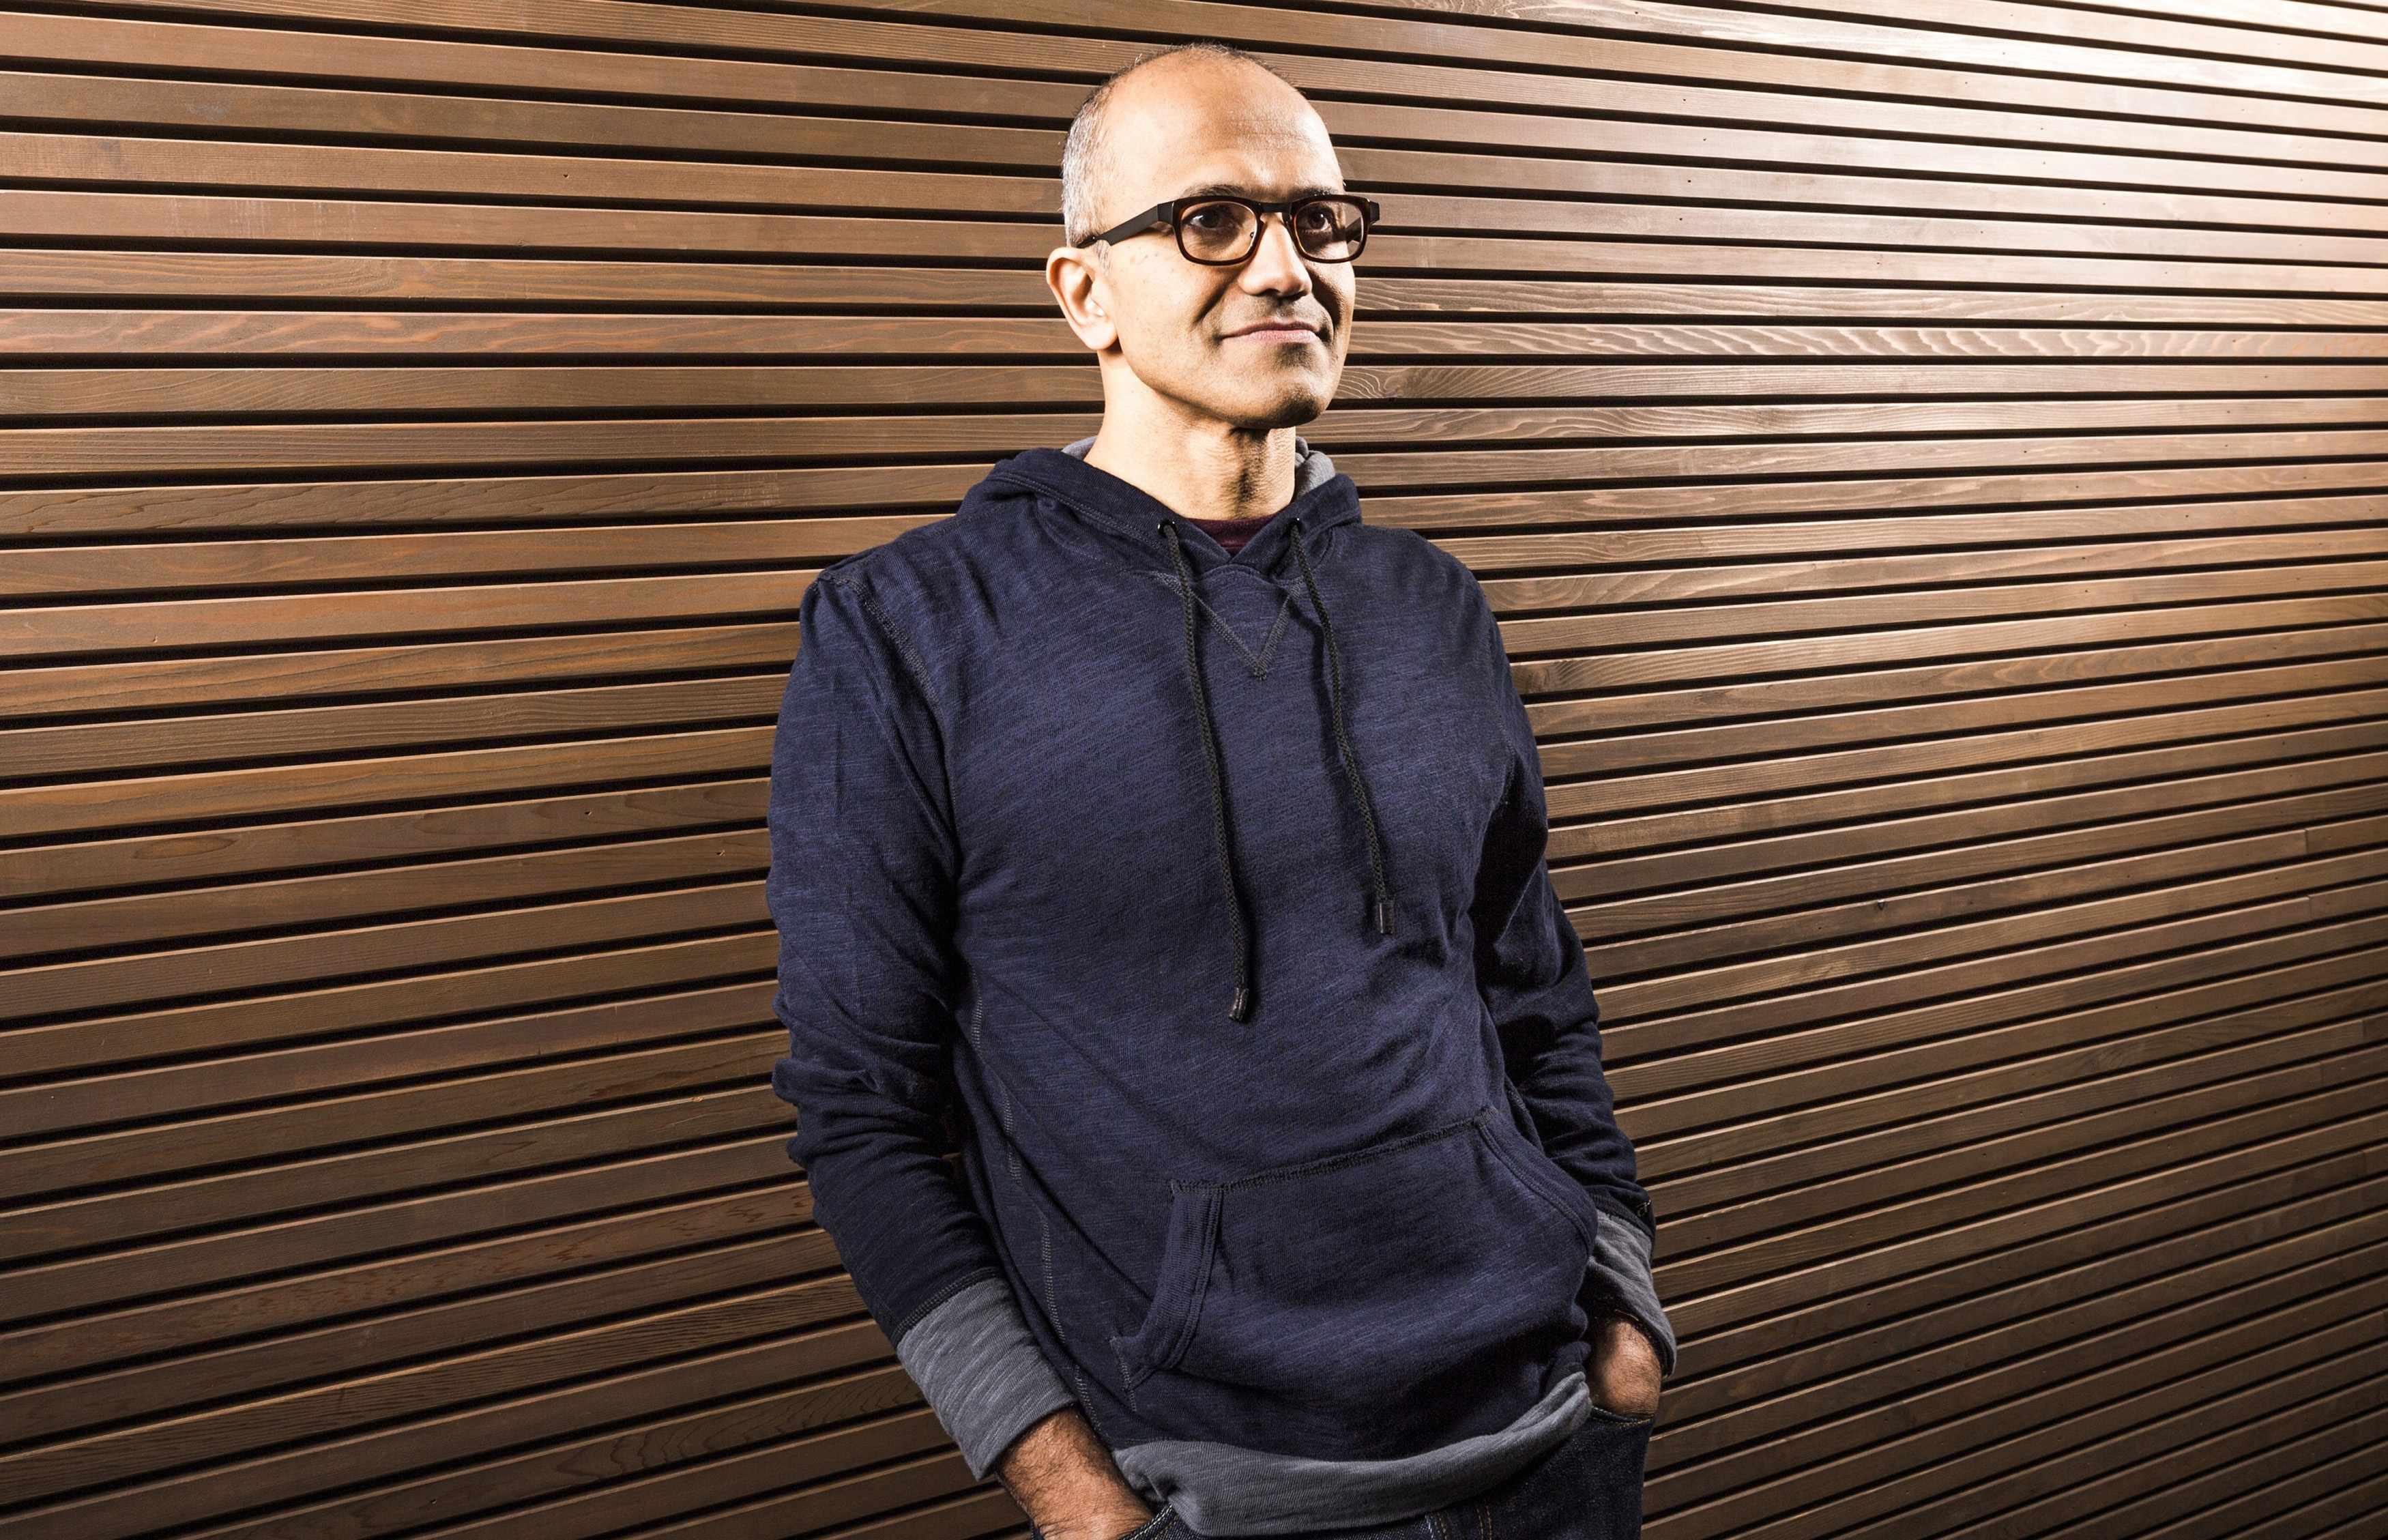 Зарплата нового гендиректора Microsoft Сатьи Наделлы составит 1,2 миллиона долларов